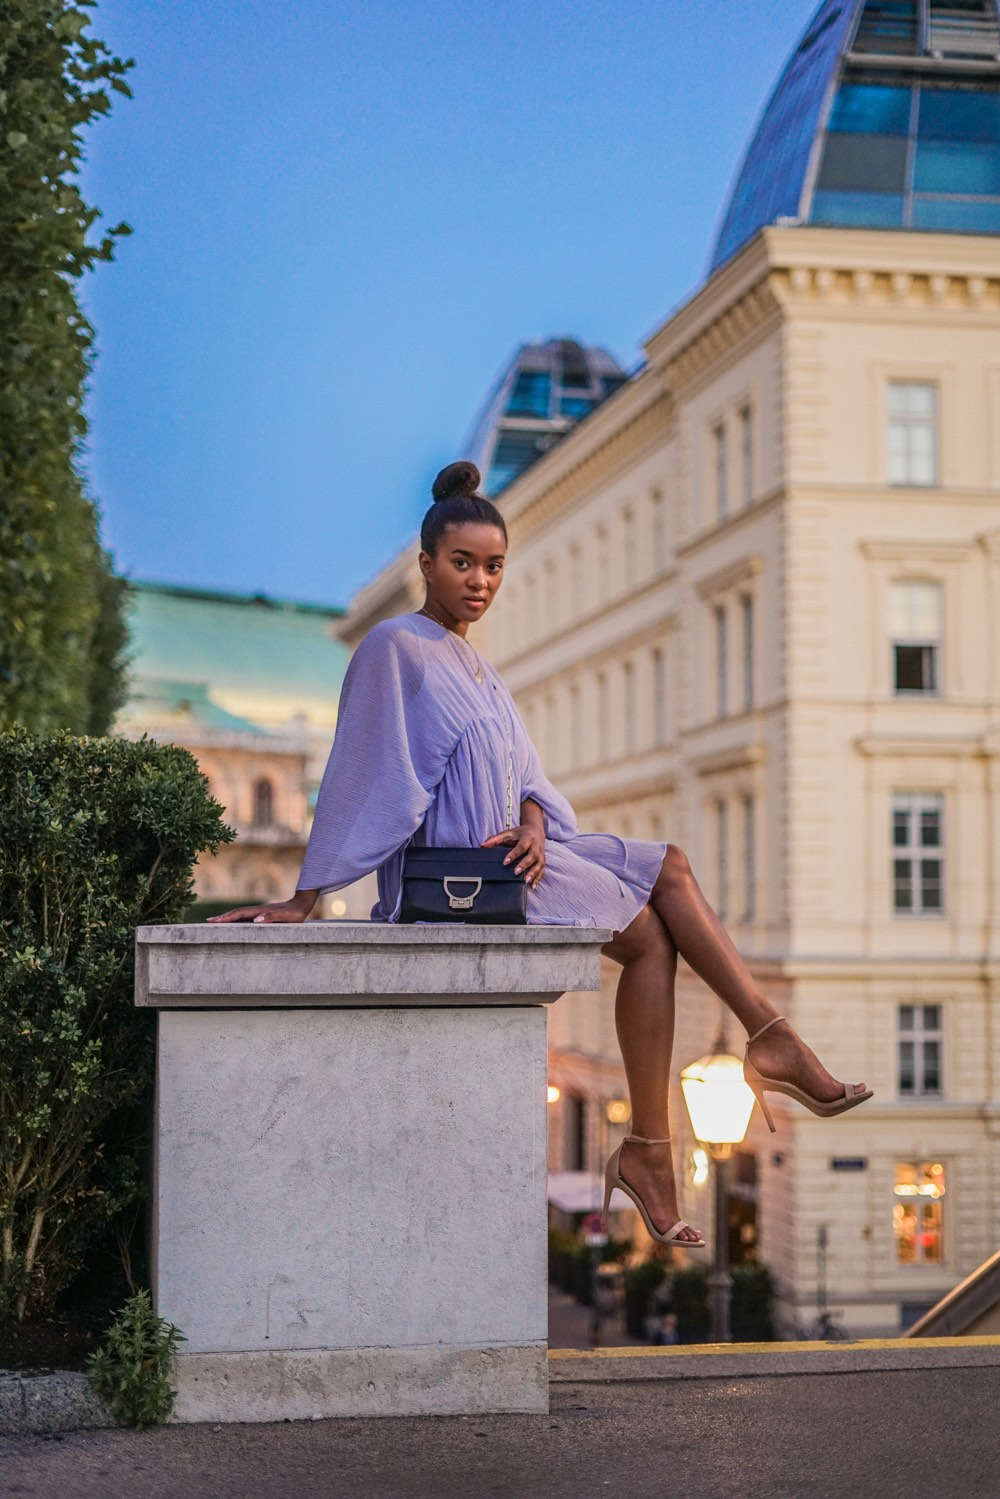 Albertina Wien wearing a light blue summer dress